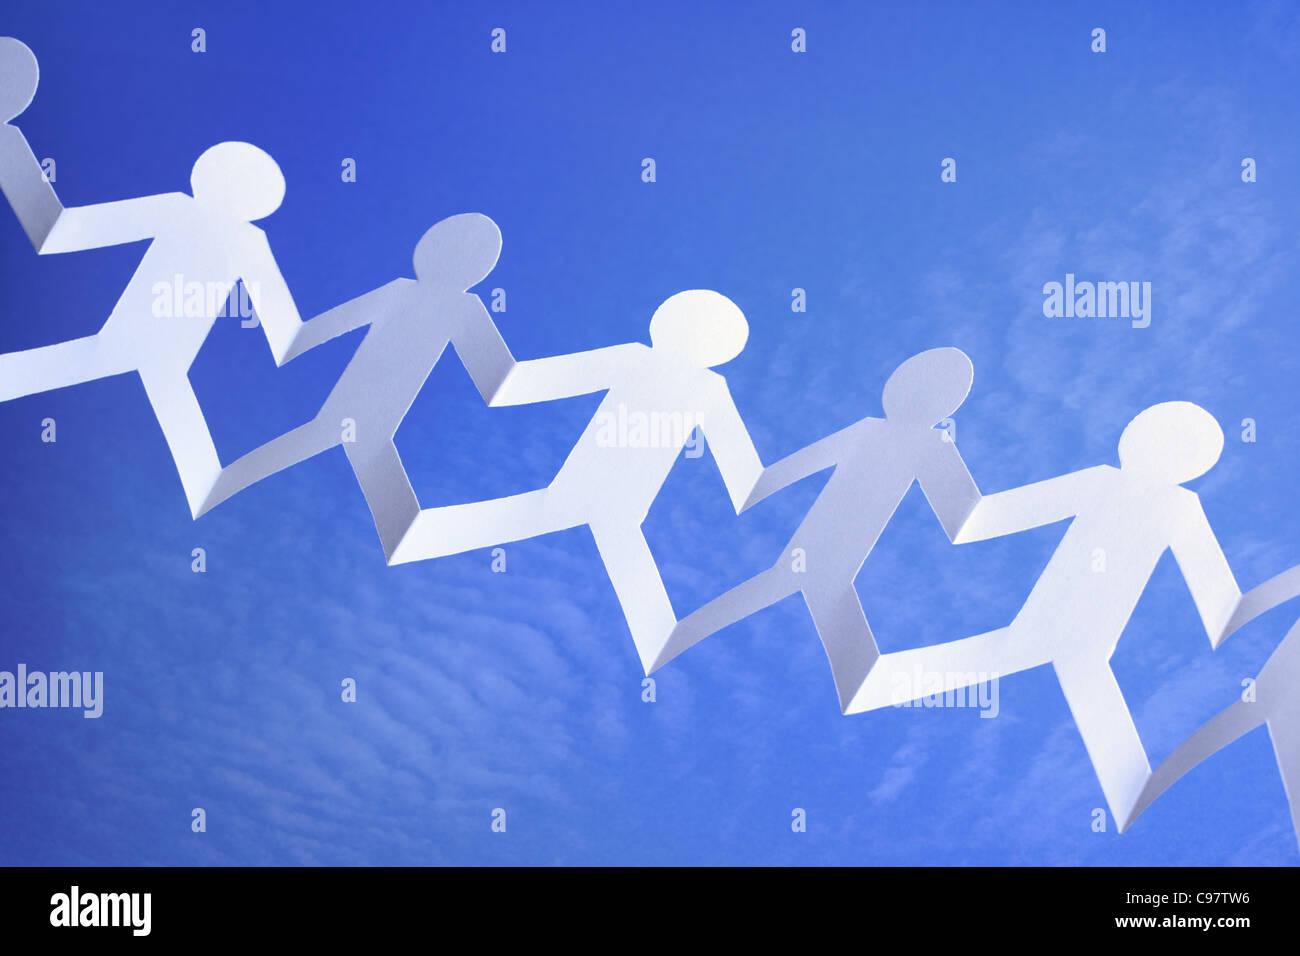 Zusammenarbeit und Vernetzung Stockbild